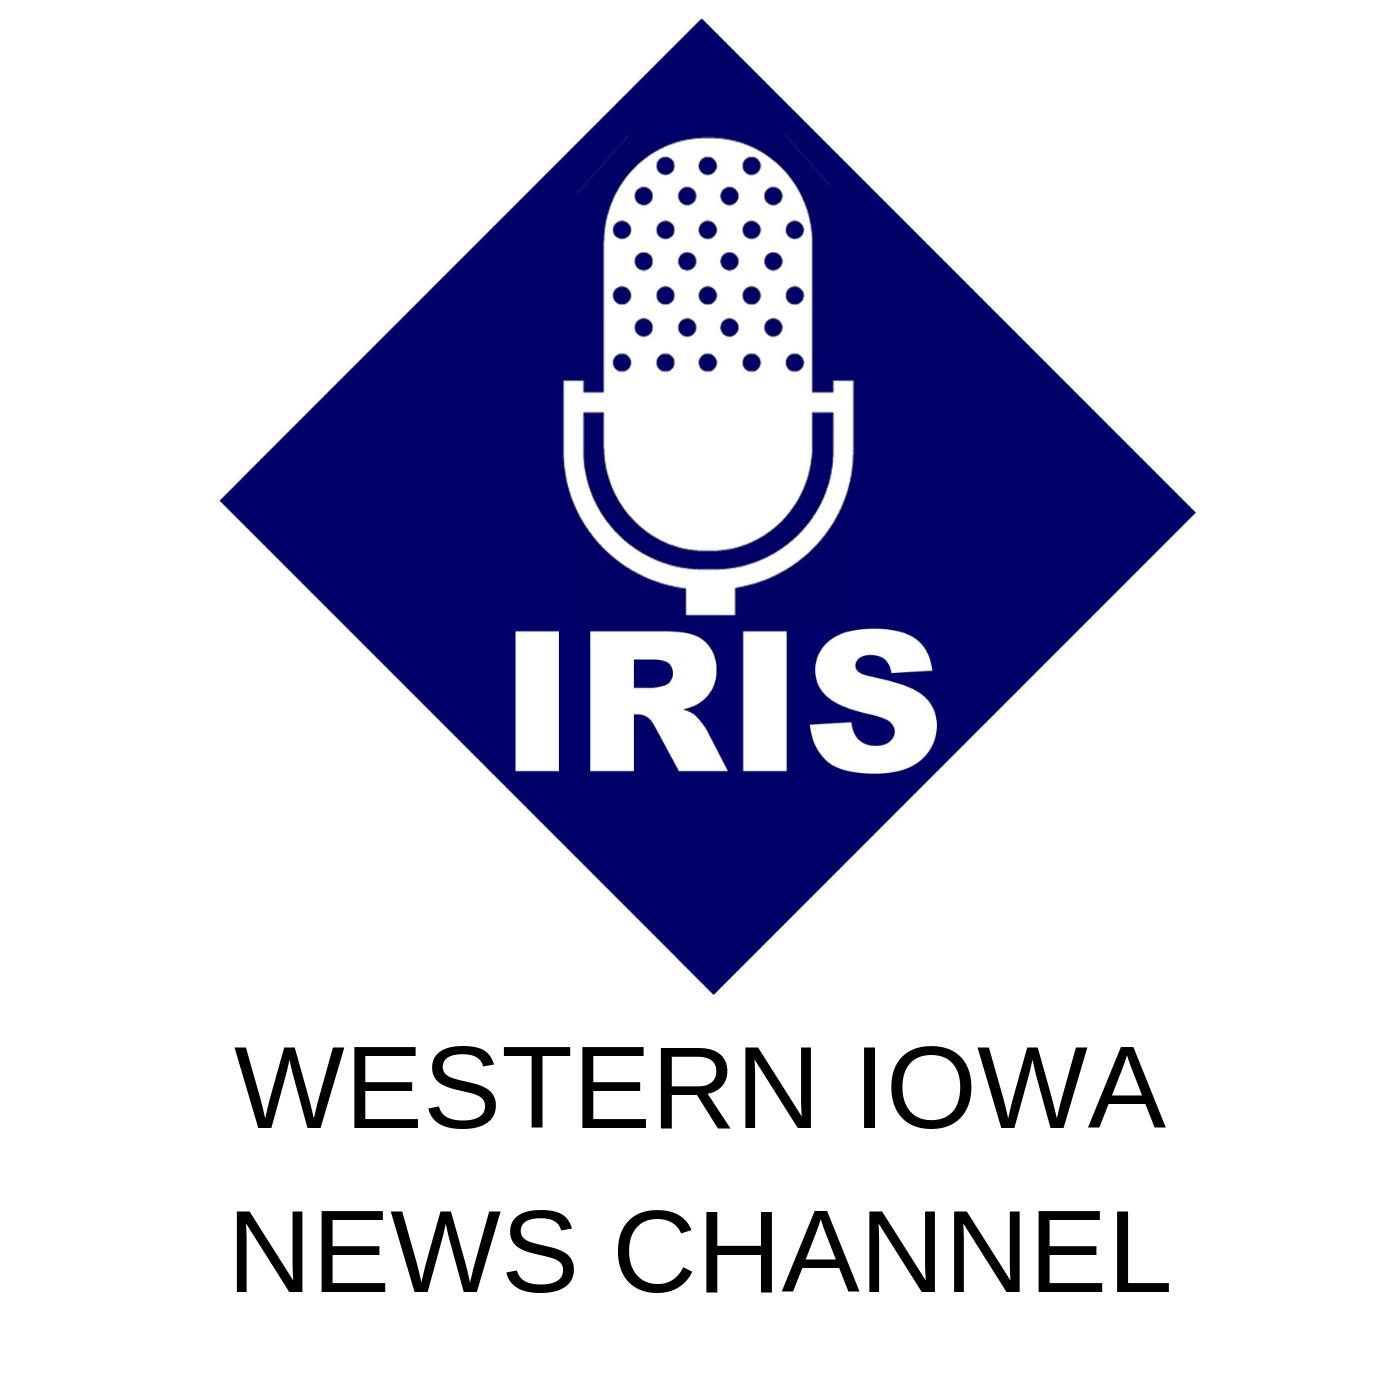 IRIS Western Iowa News